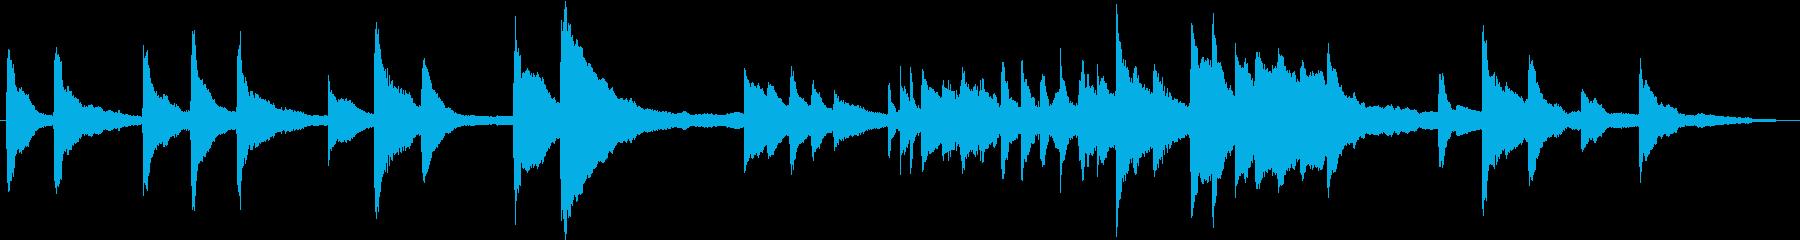 現代の交響曲 室内楽 感情的 バラ...の再生済みの波形